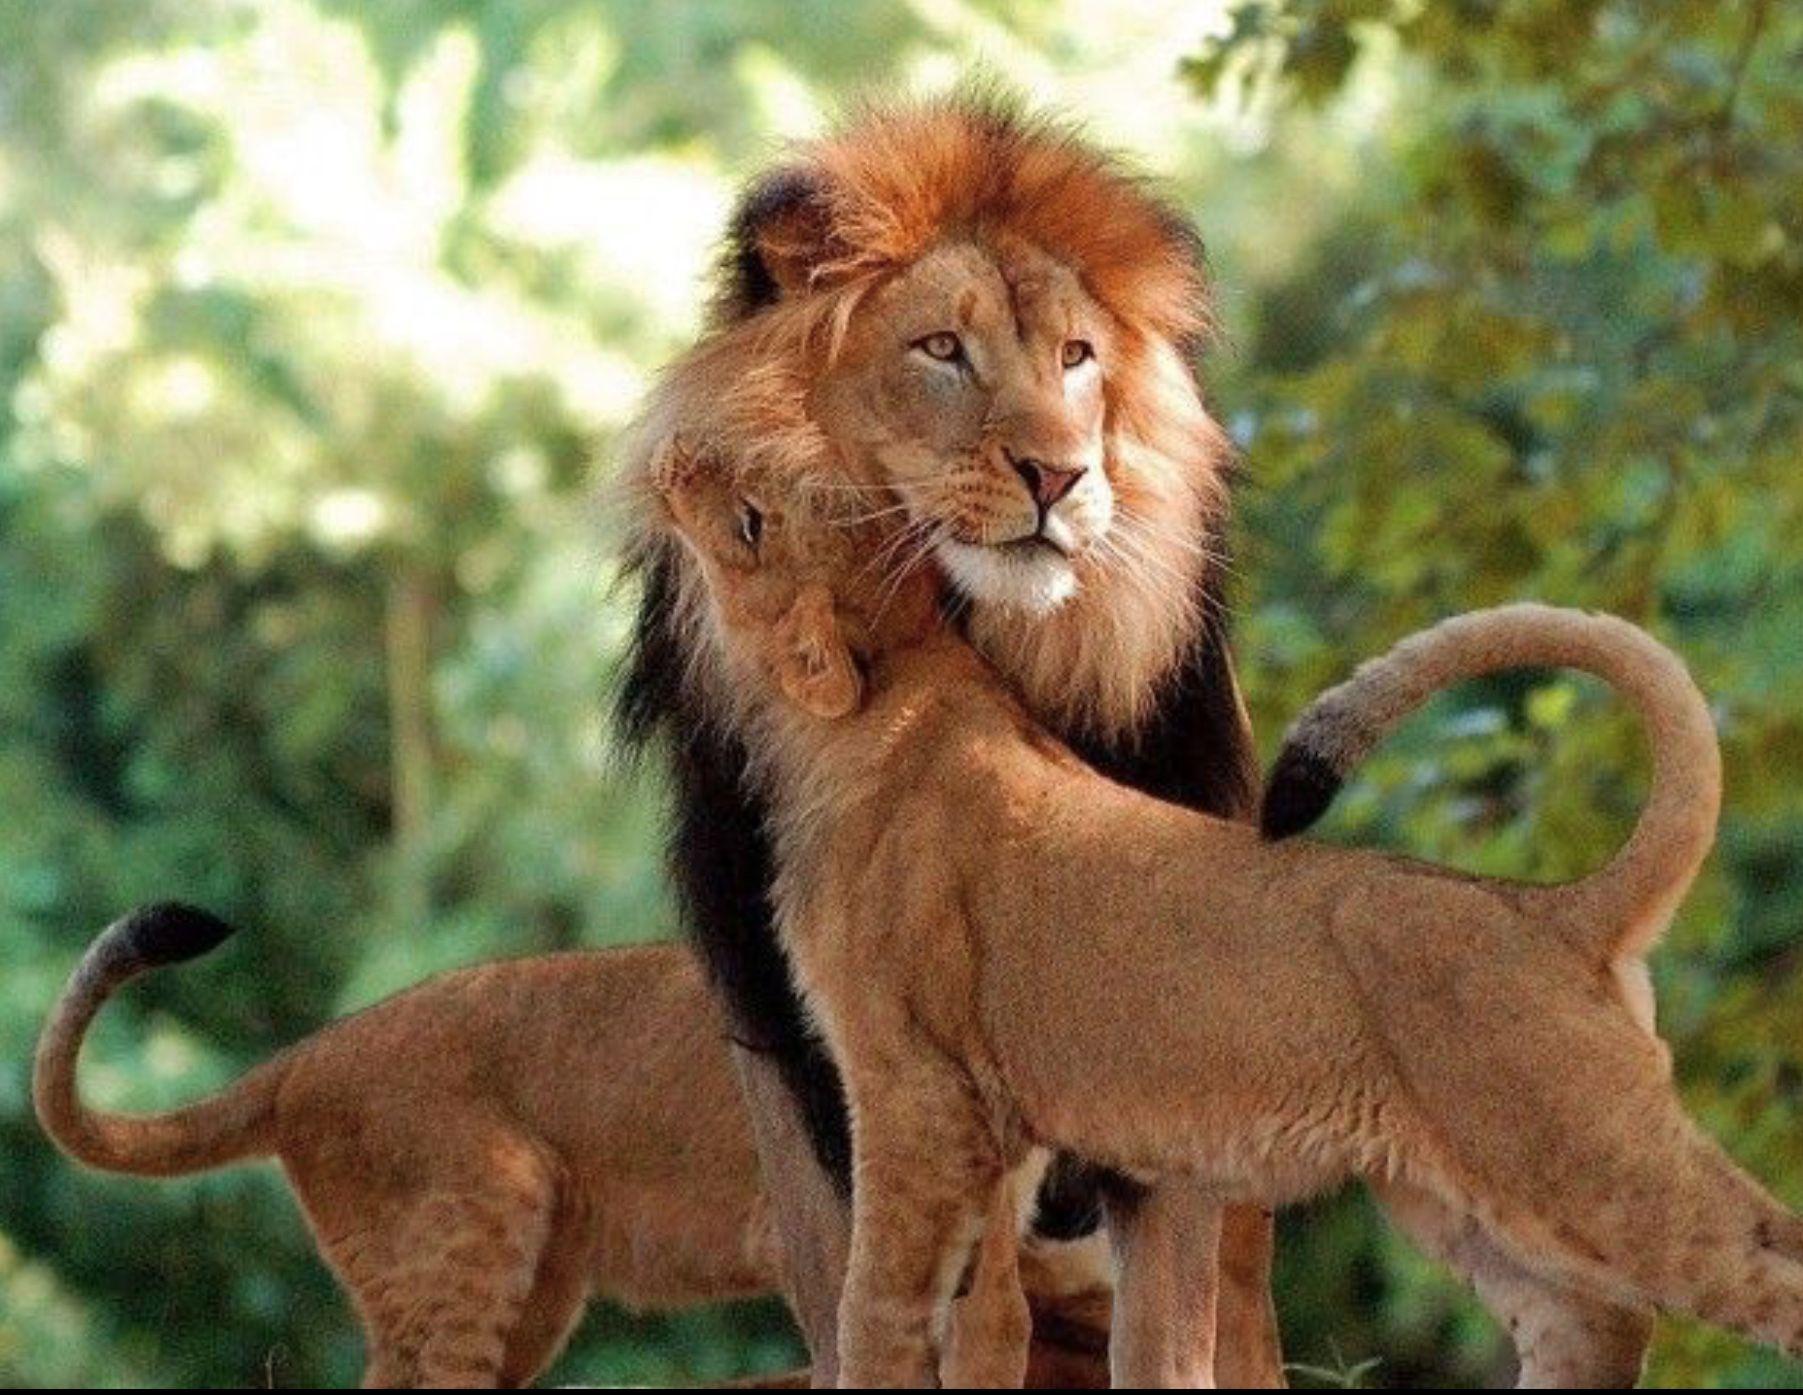 хороших, известных картинки про животных в паре этом, врастая очень